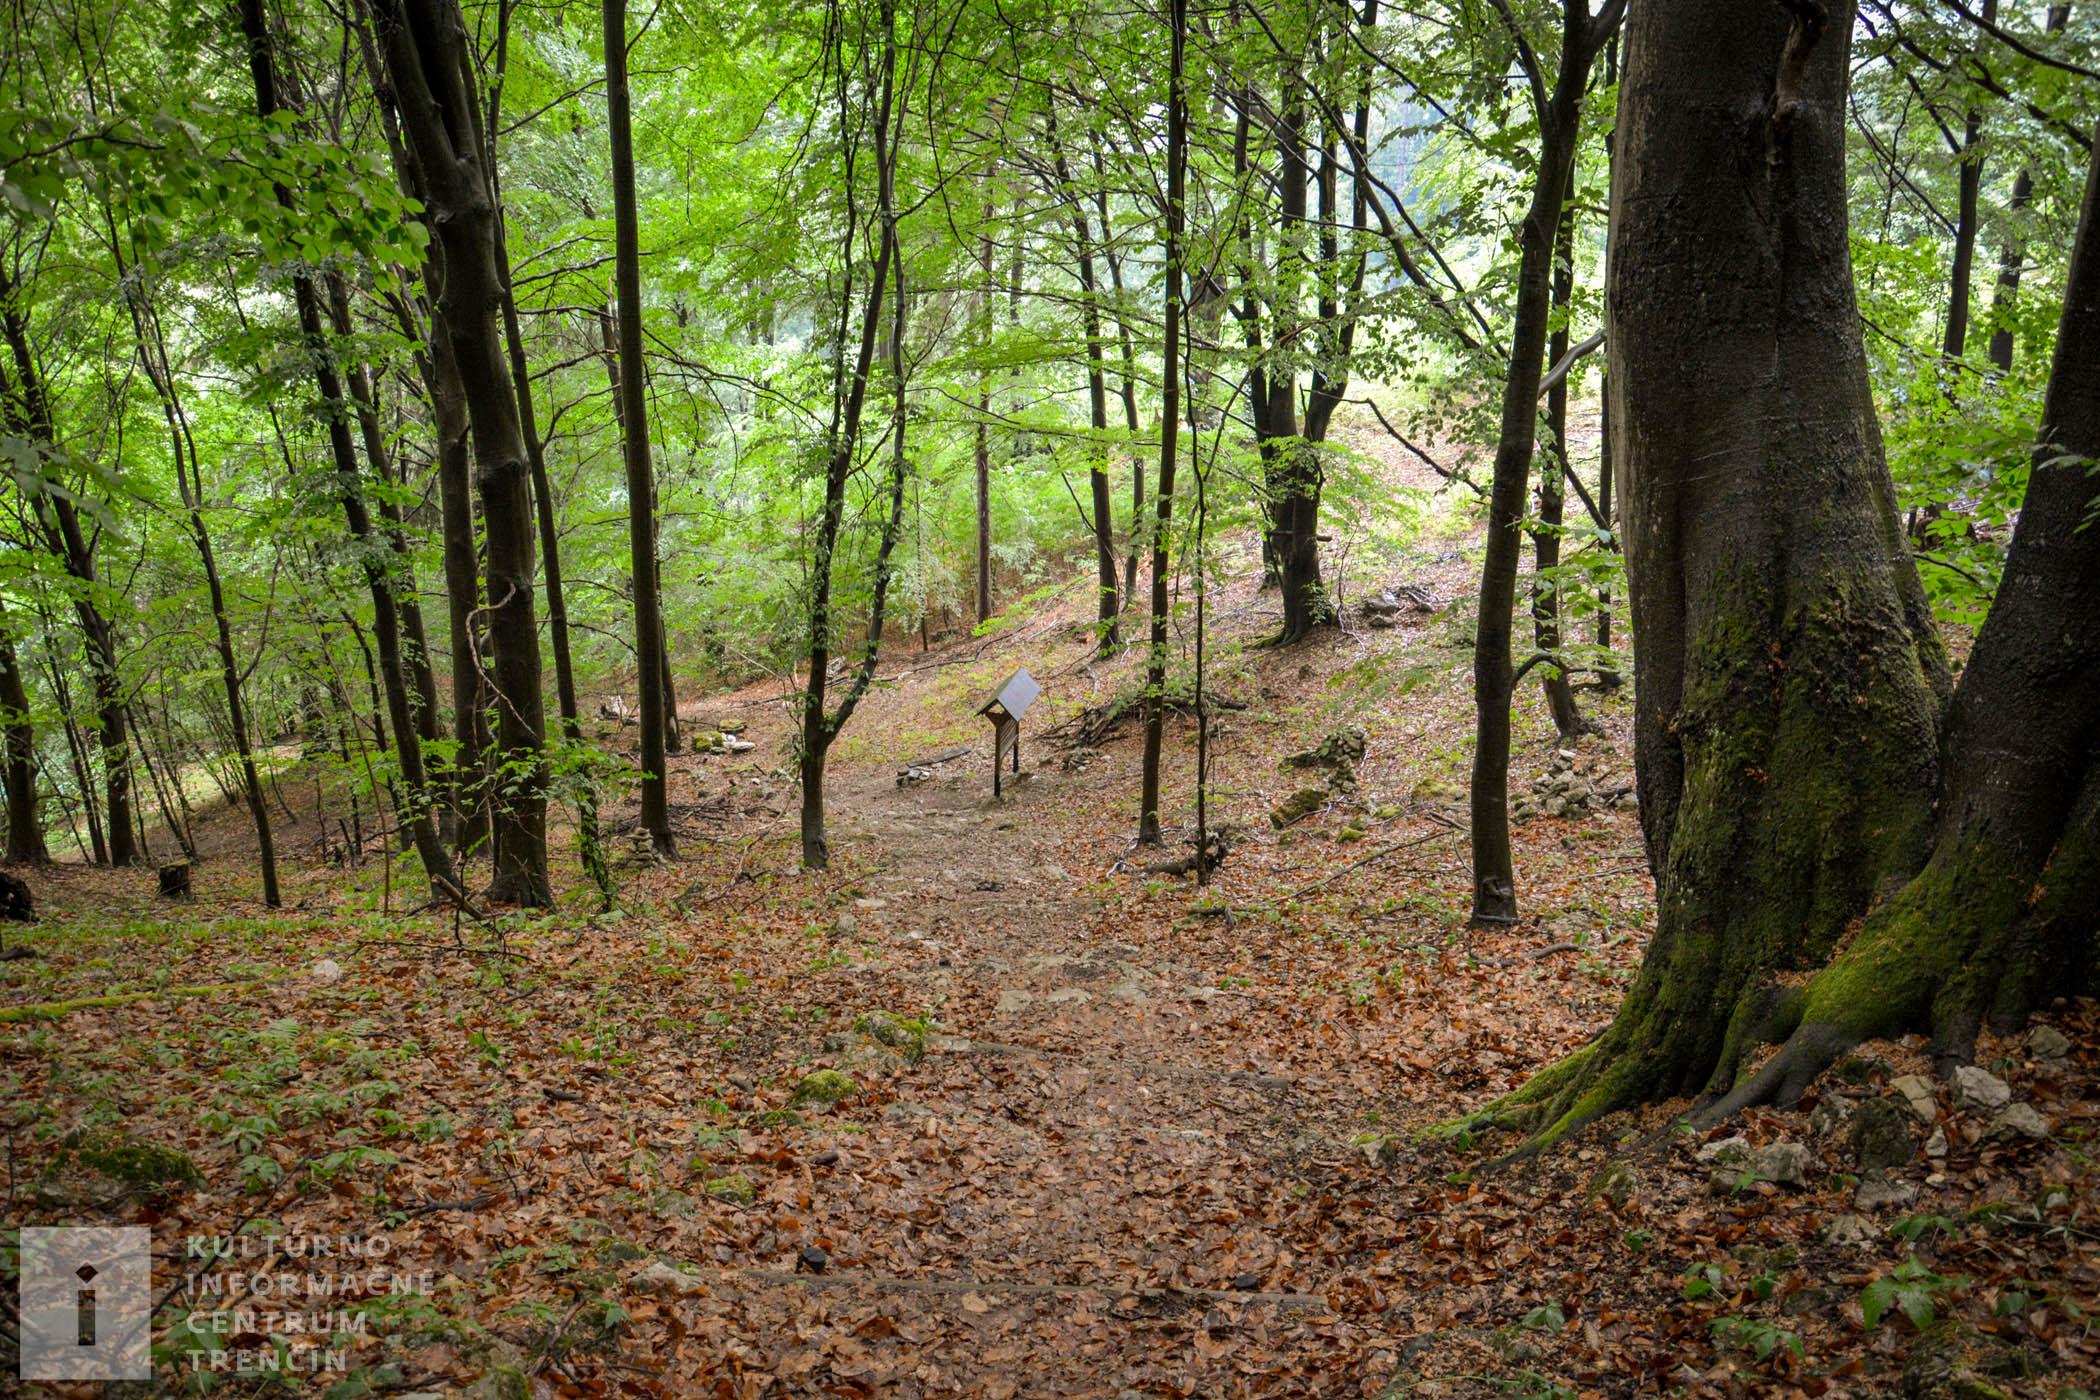 V záverečnej časti chodníka sa pripravte na strmú cestu lesom, kde prekonáte 100 výškových metrov, avšak za tú námahu toto miesto rozhodne stojí.